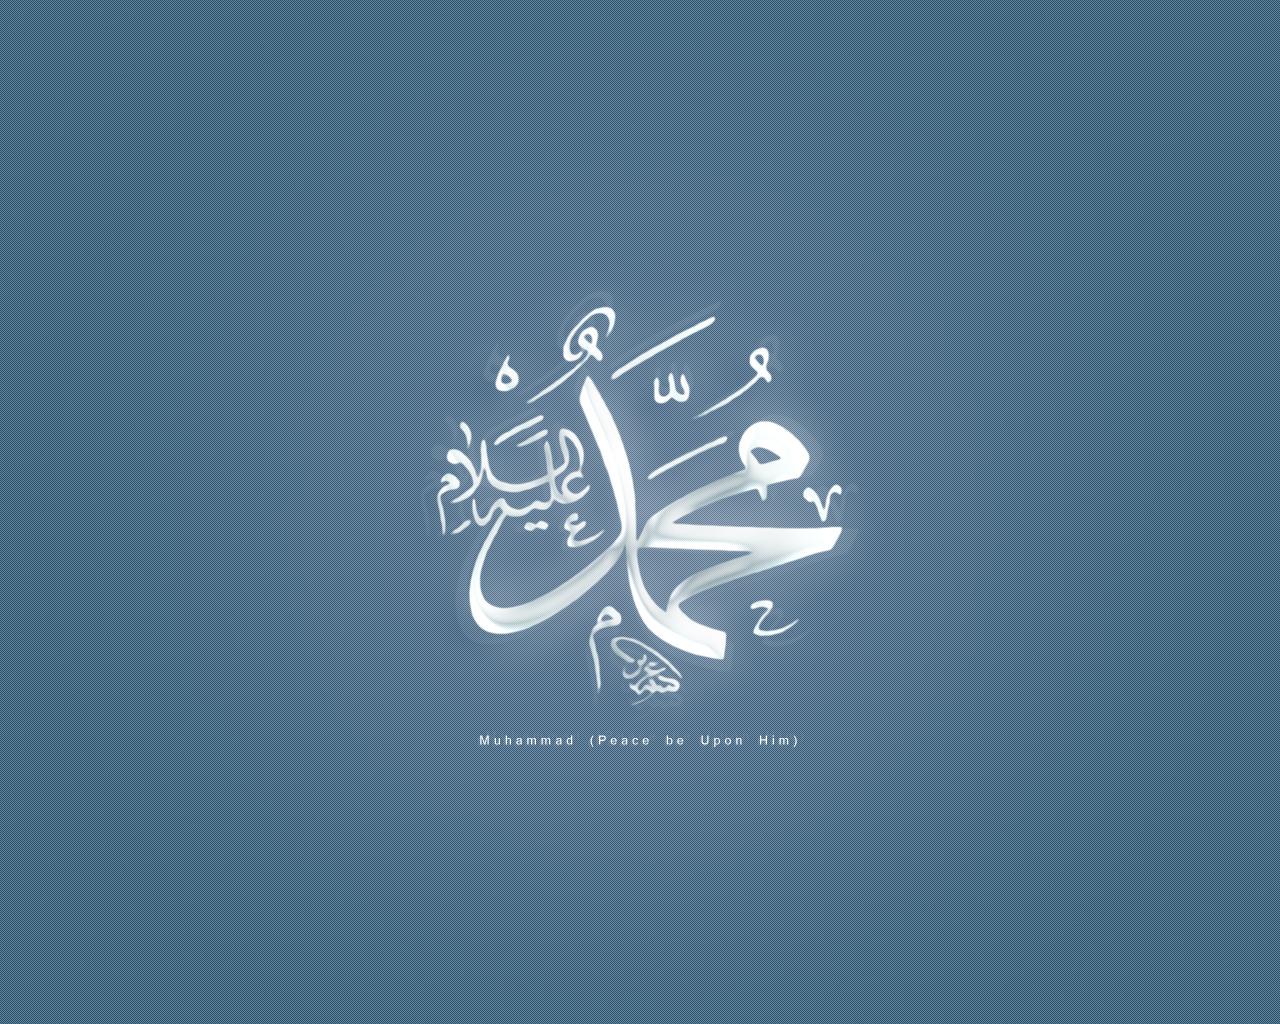 http://4.bp.blogspot.com/-8GrzUI46JXs/TZtfL3Nc5OI/AAAAAAAABKo/fyc1hNV8VKc/s1600/Muhammad+pbuh+wallpapers+by+cool+images+%286%29.jpg